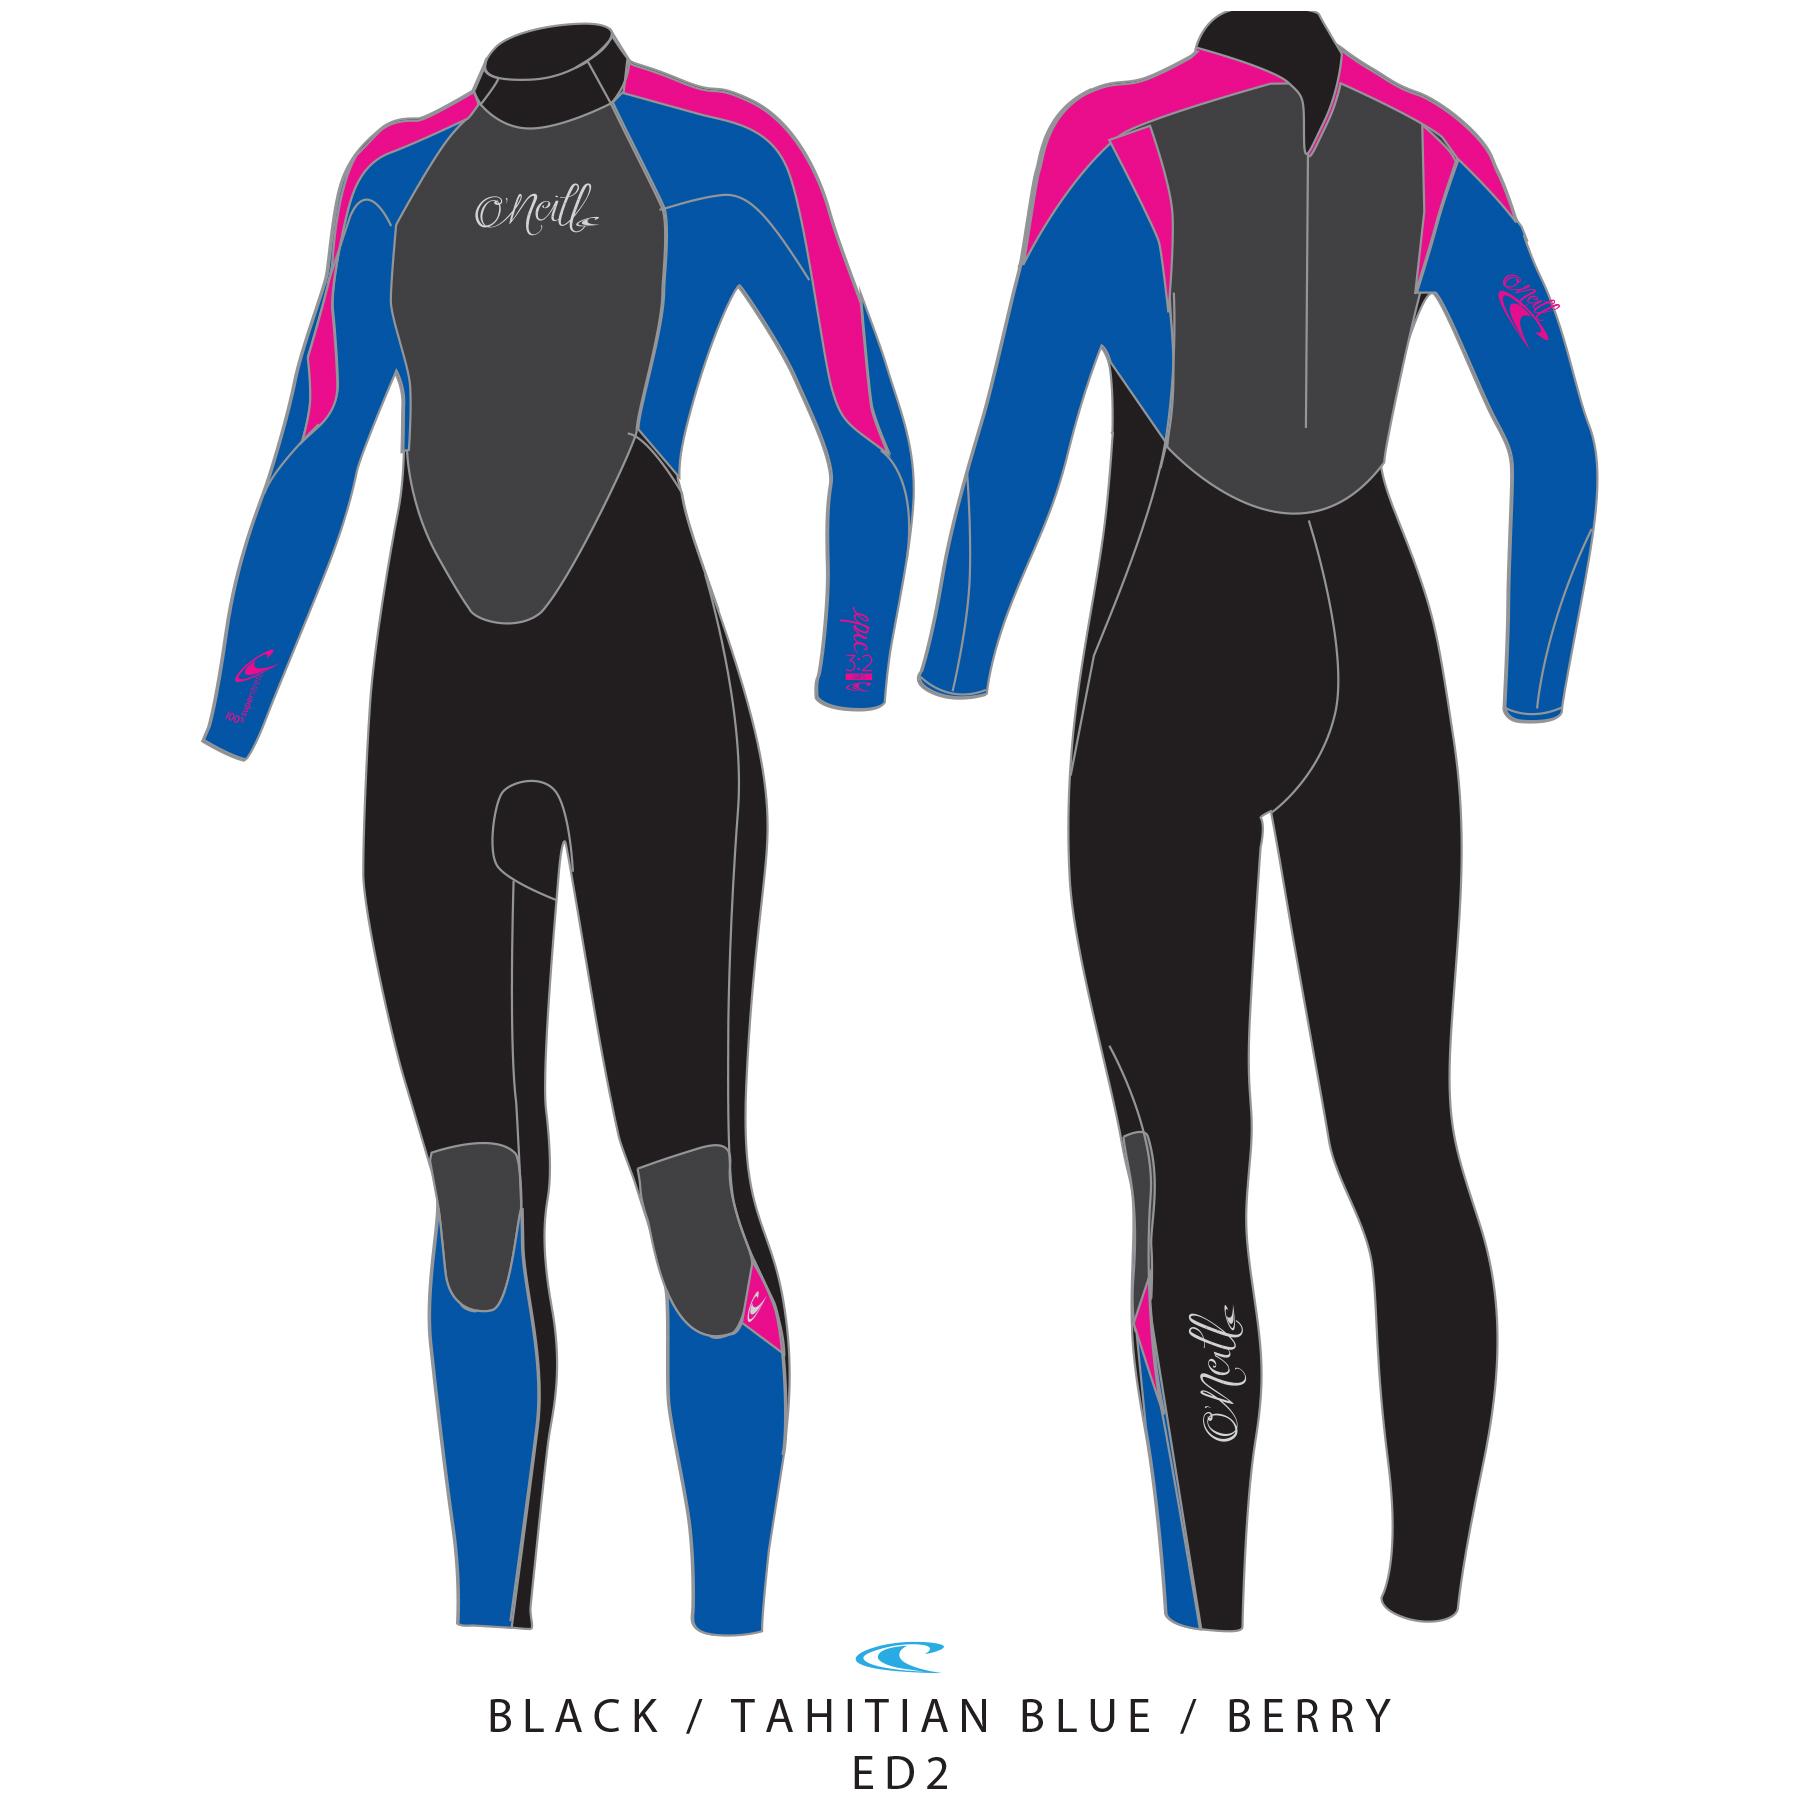 66a2d2952c0 Comprar traje de surf de neopreno - Tienda online Surfmarket